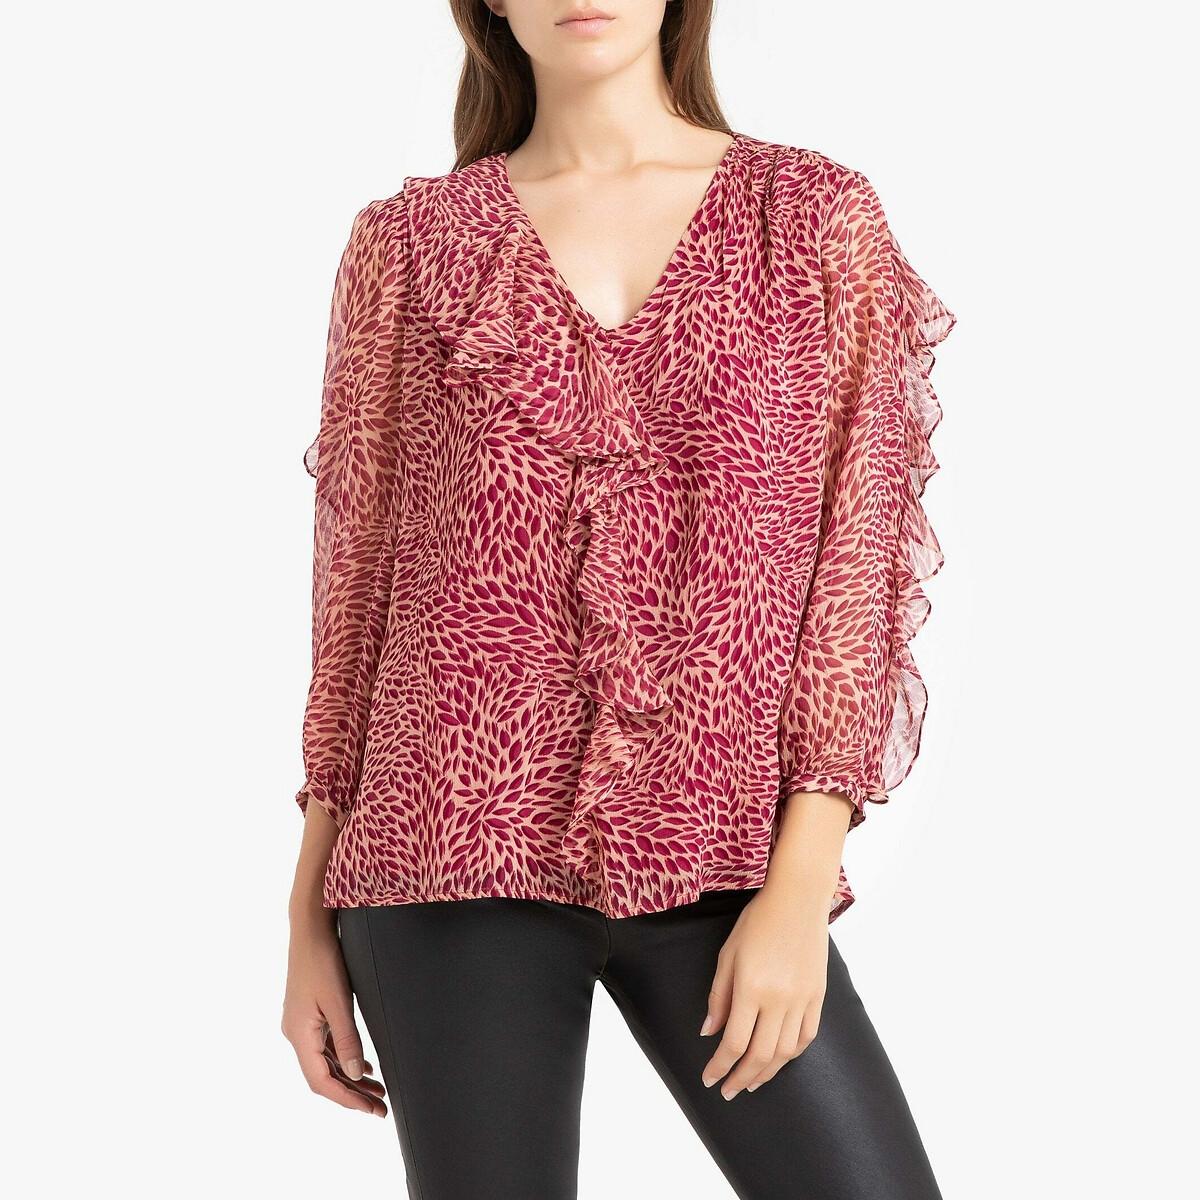 Фото - Блузка LaRedoute С рисунком V-образным вырезом и длинными рукавами GENNY 0(XS) розовый блузка с рисунком и длинными рукавами для периода беременности